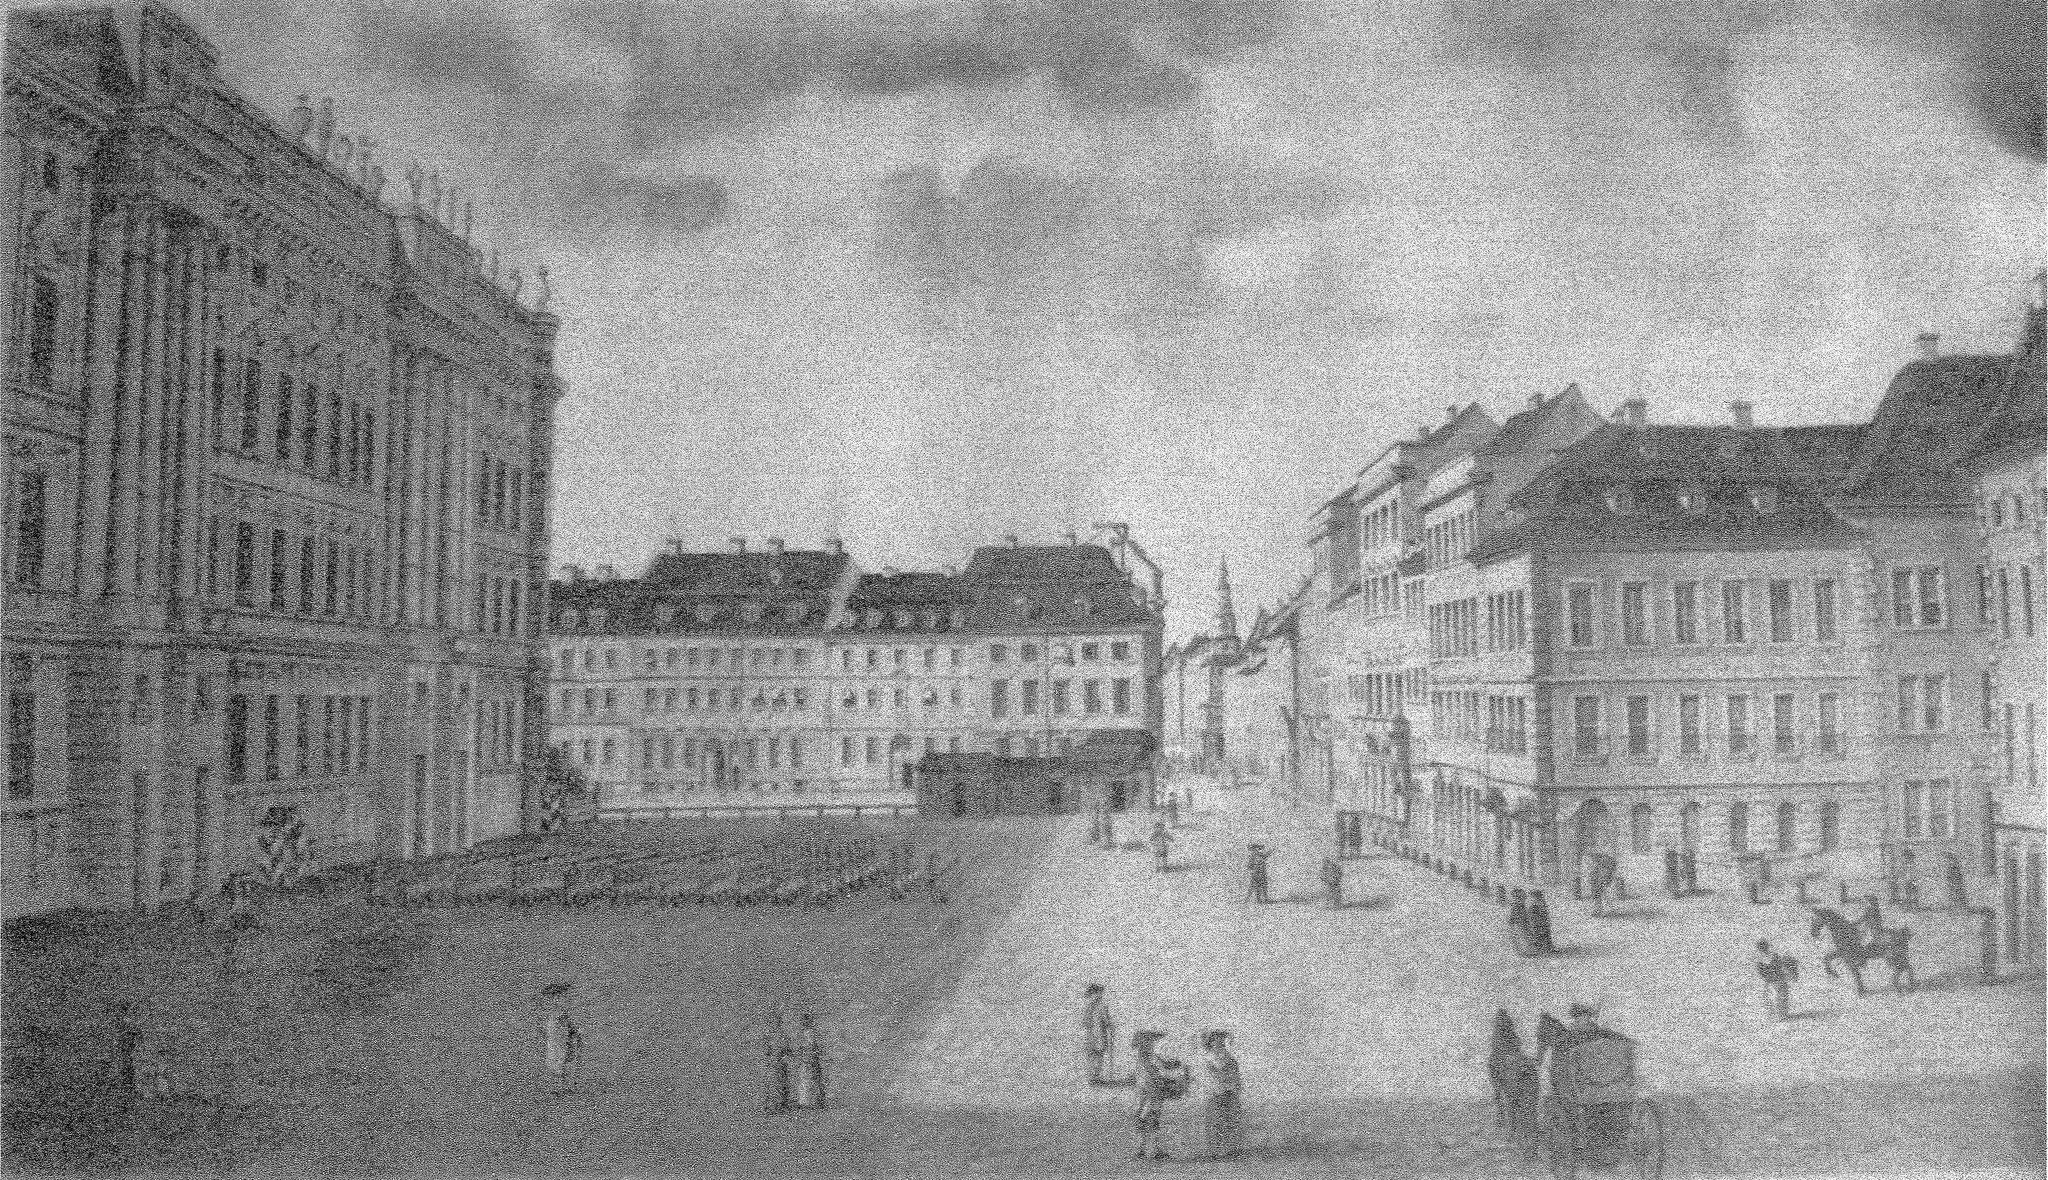 Schloßplatz zu Berlin, Graphit auf Papier, 65,5 x 37 cm